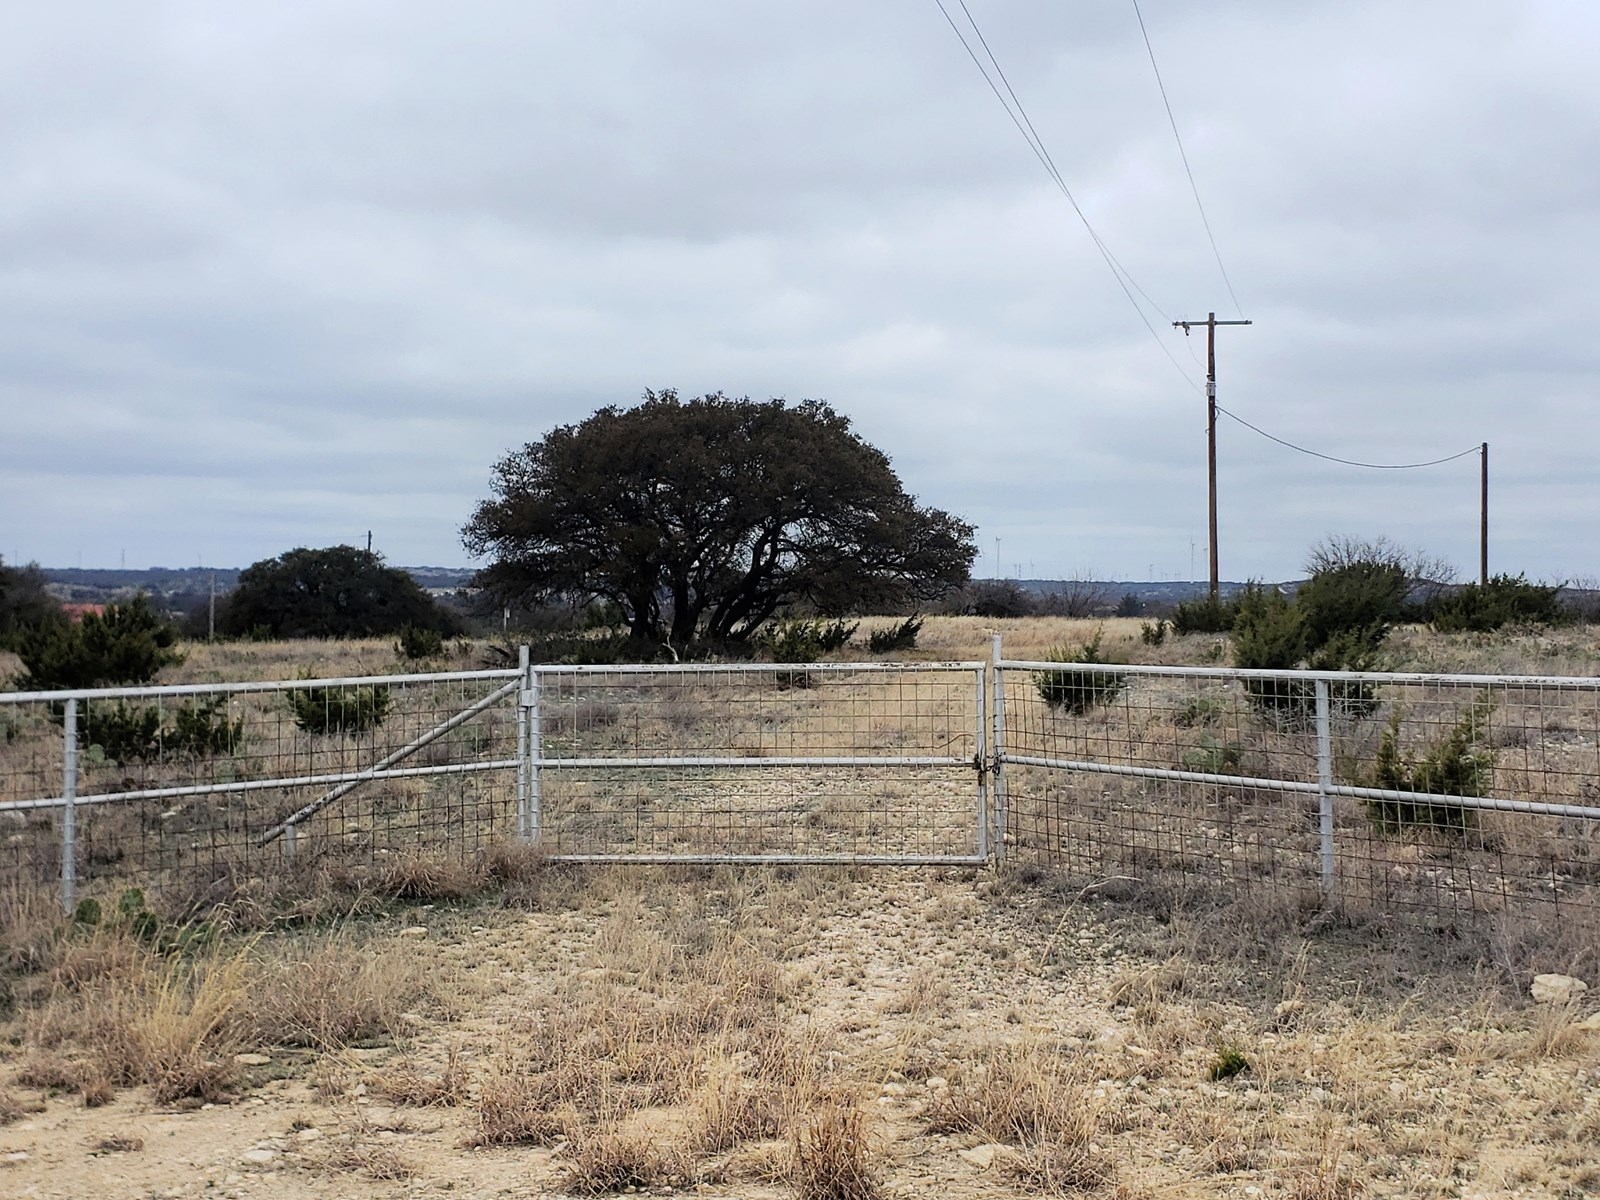 west Texas land for sale near San Angelo, TX